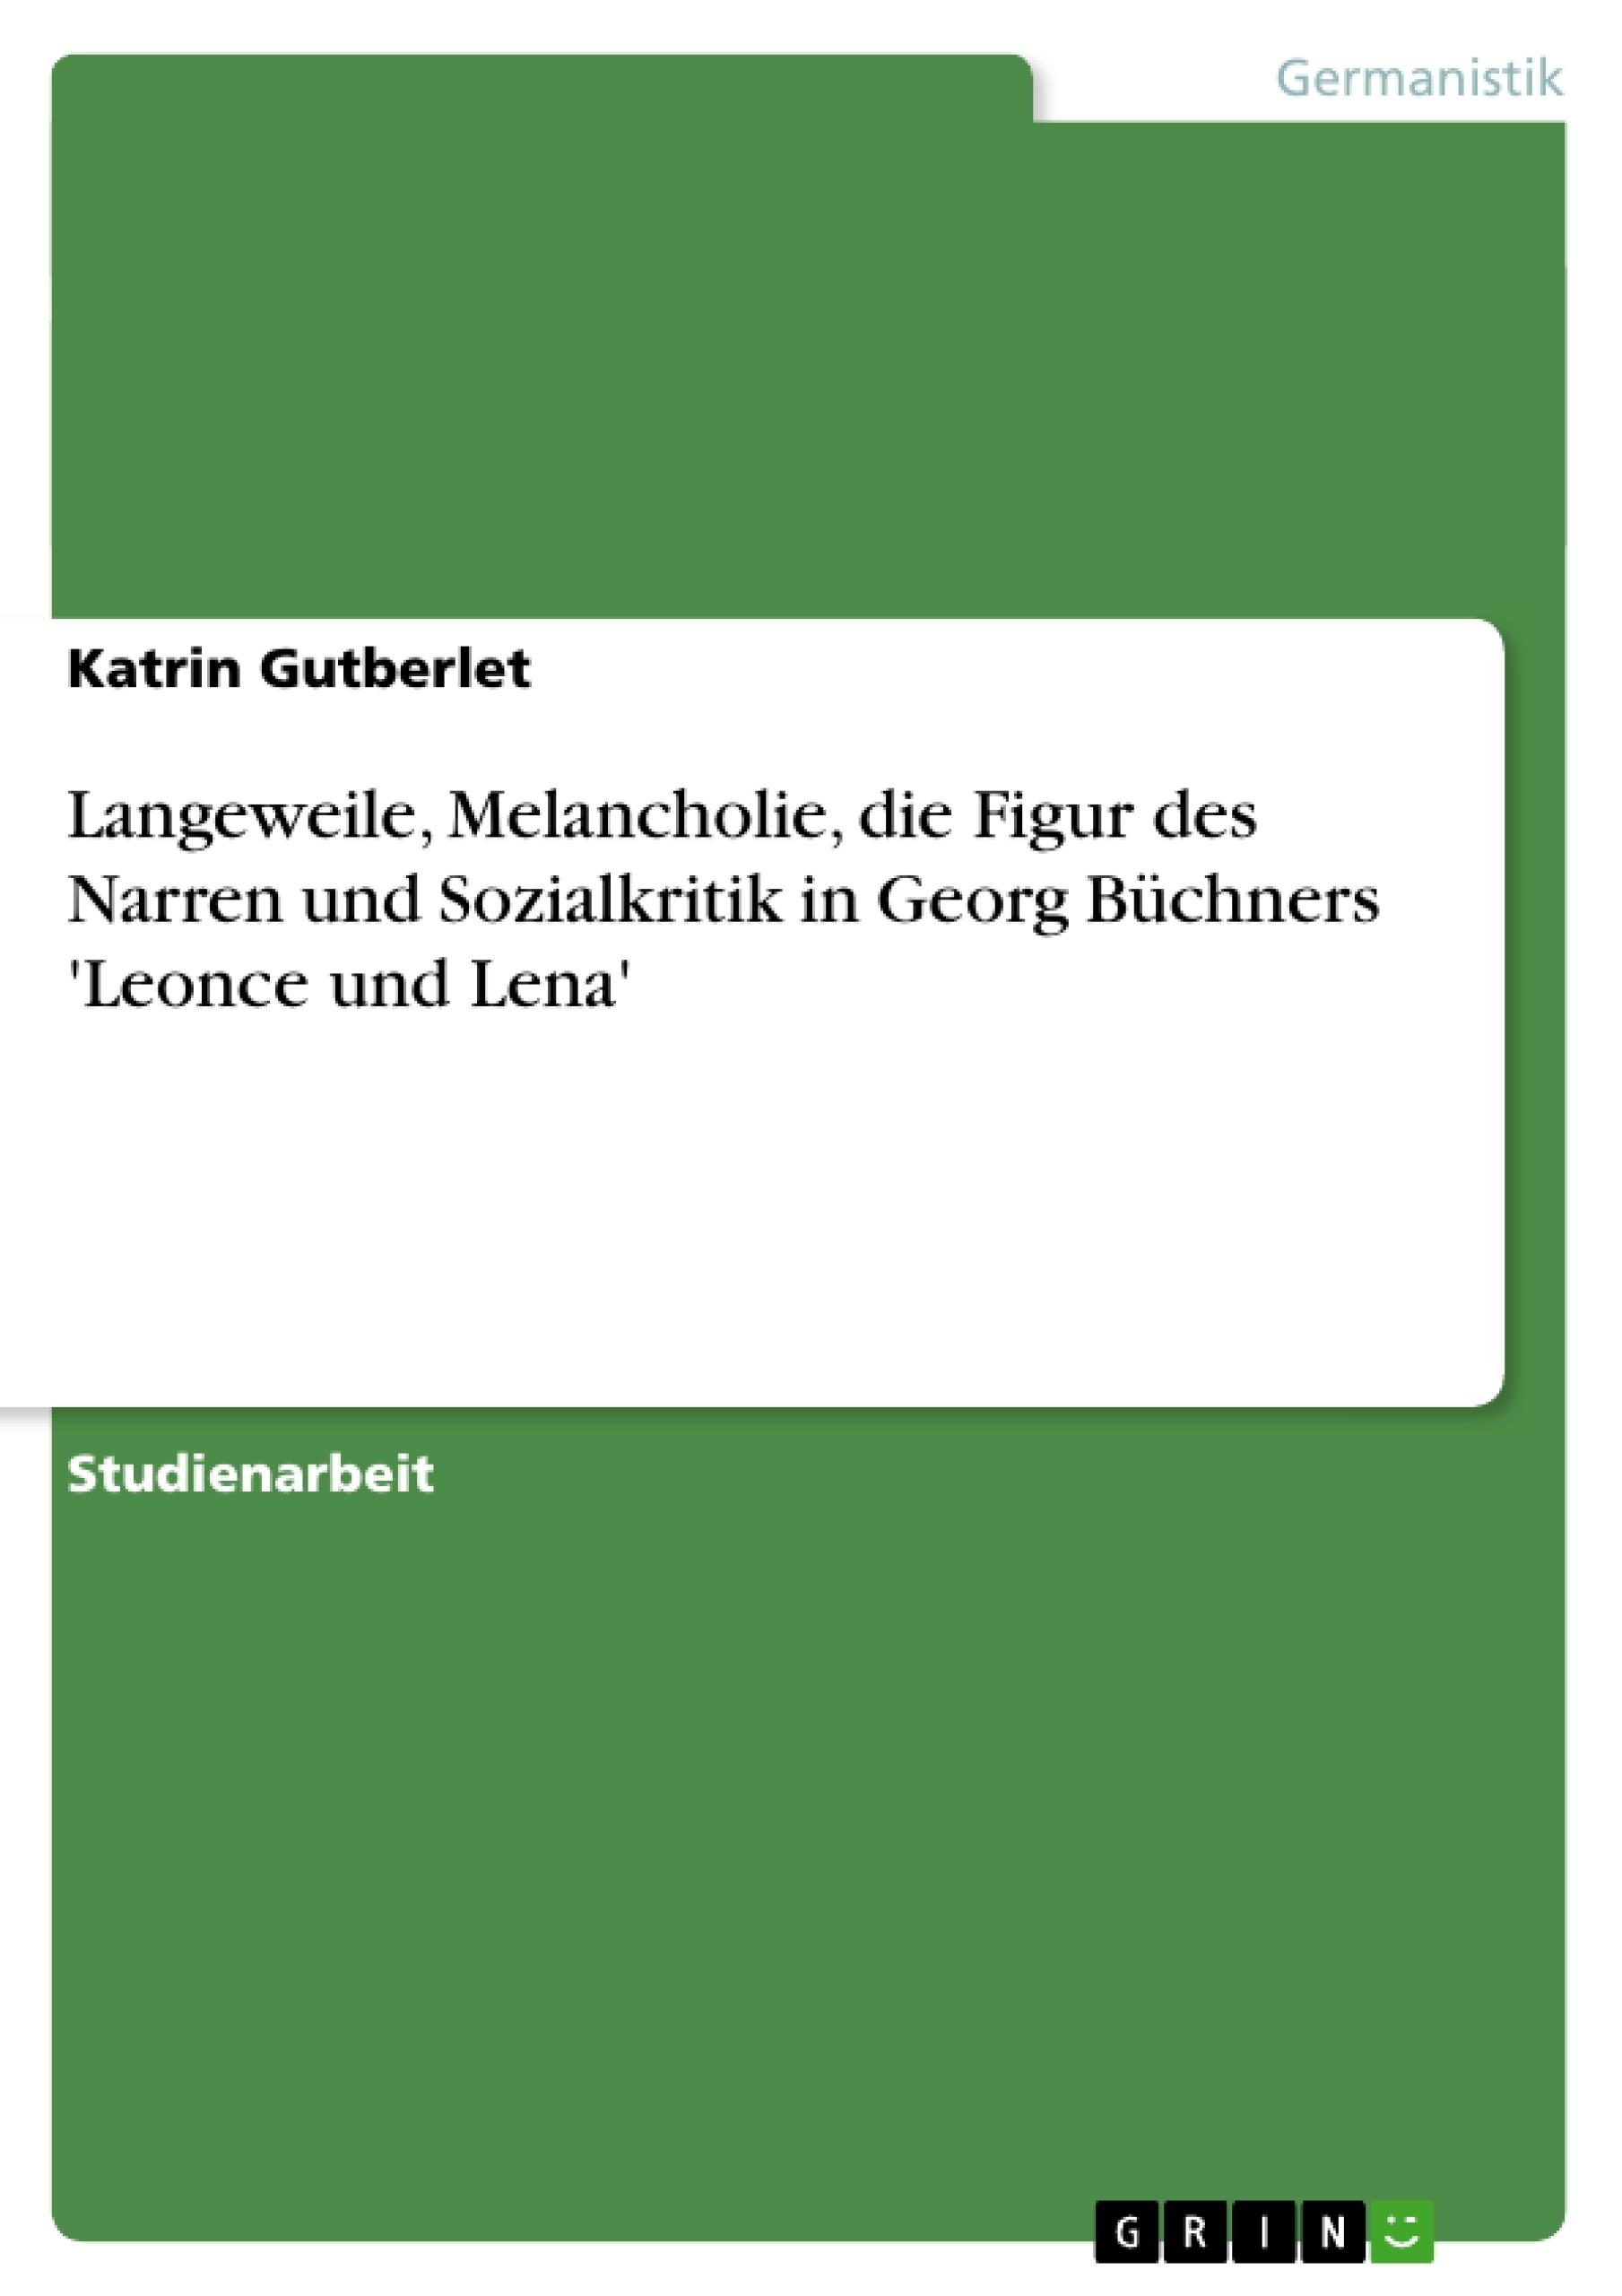 Titel: Langeweile, Melancholie, die Figur des Narren und Sozialkritik in Georg Büchners 'Leonce und Lena'